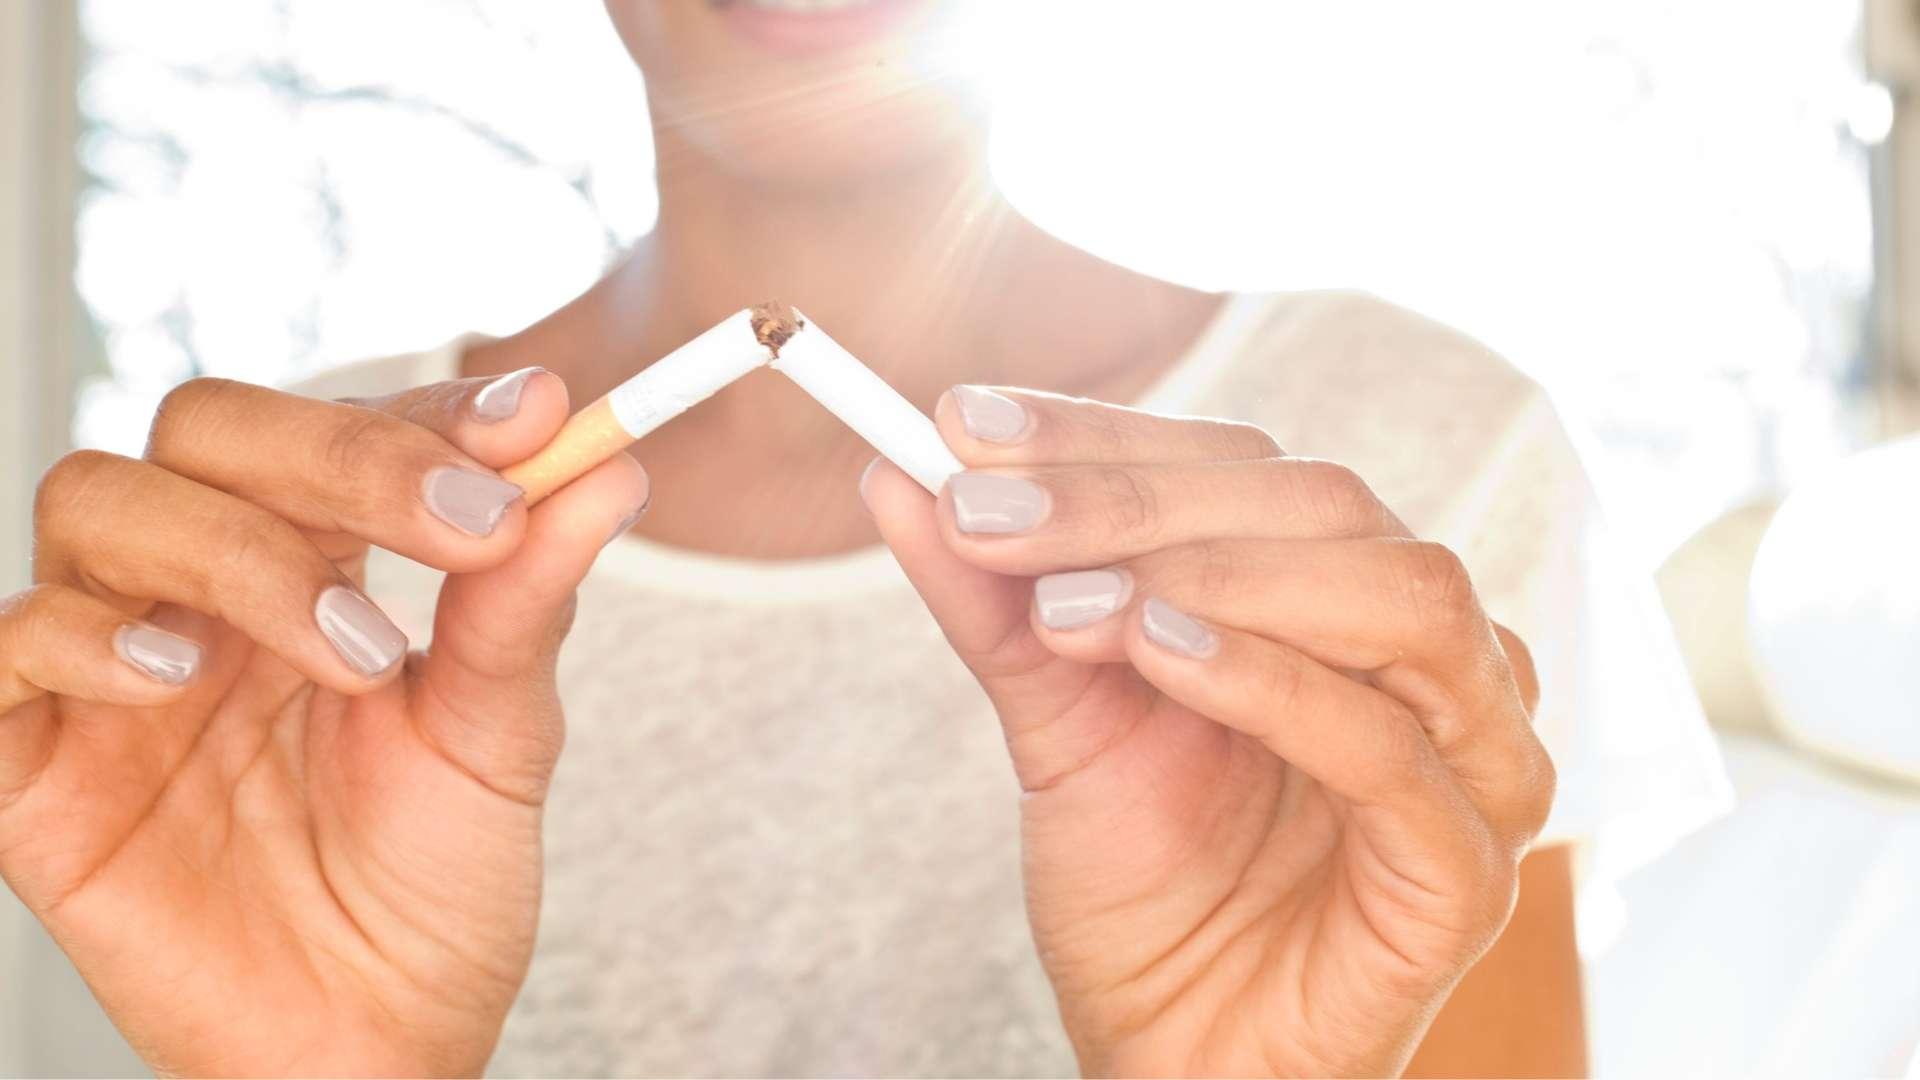 Woman_Breaking_Cigarette_1920x1080.jpg